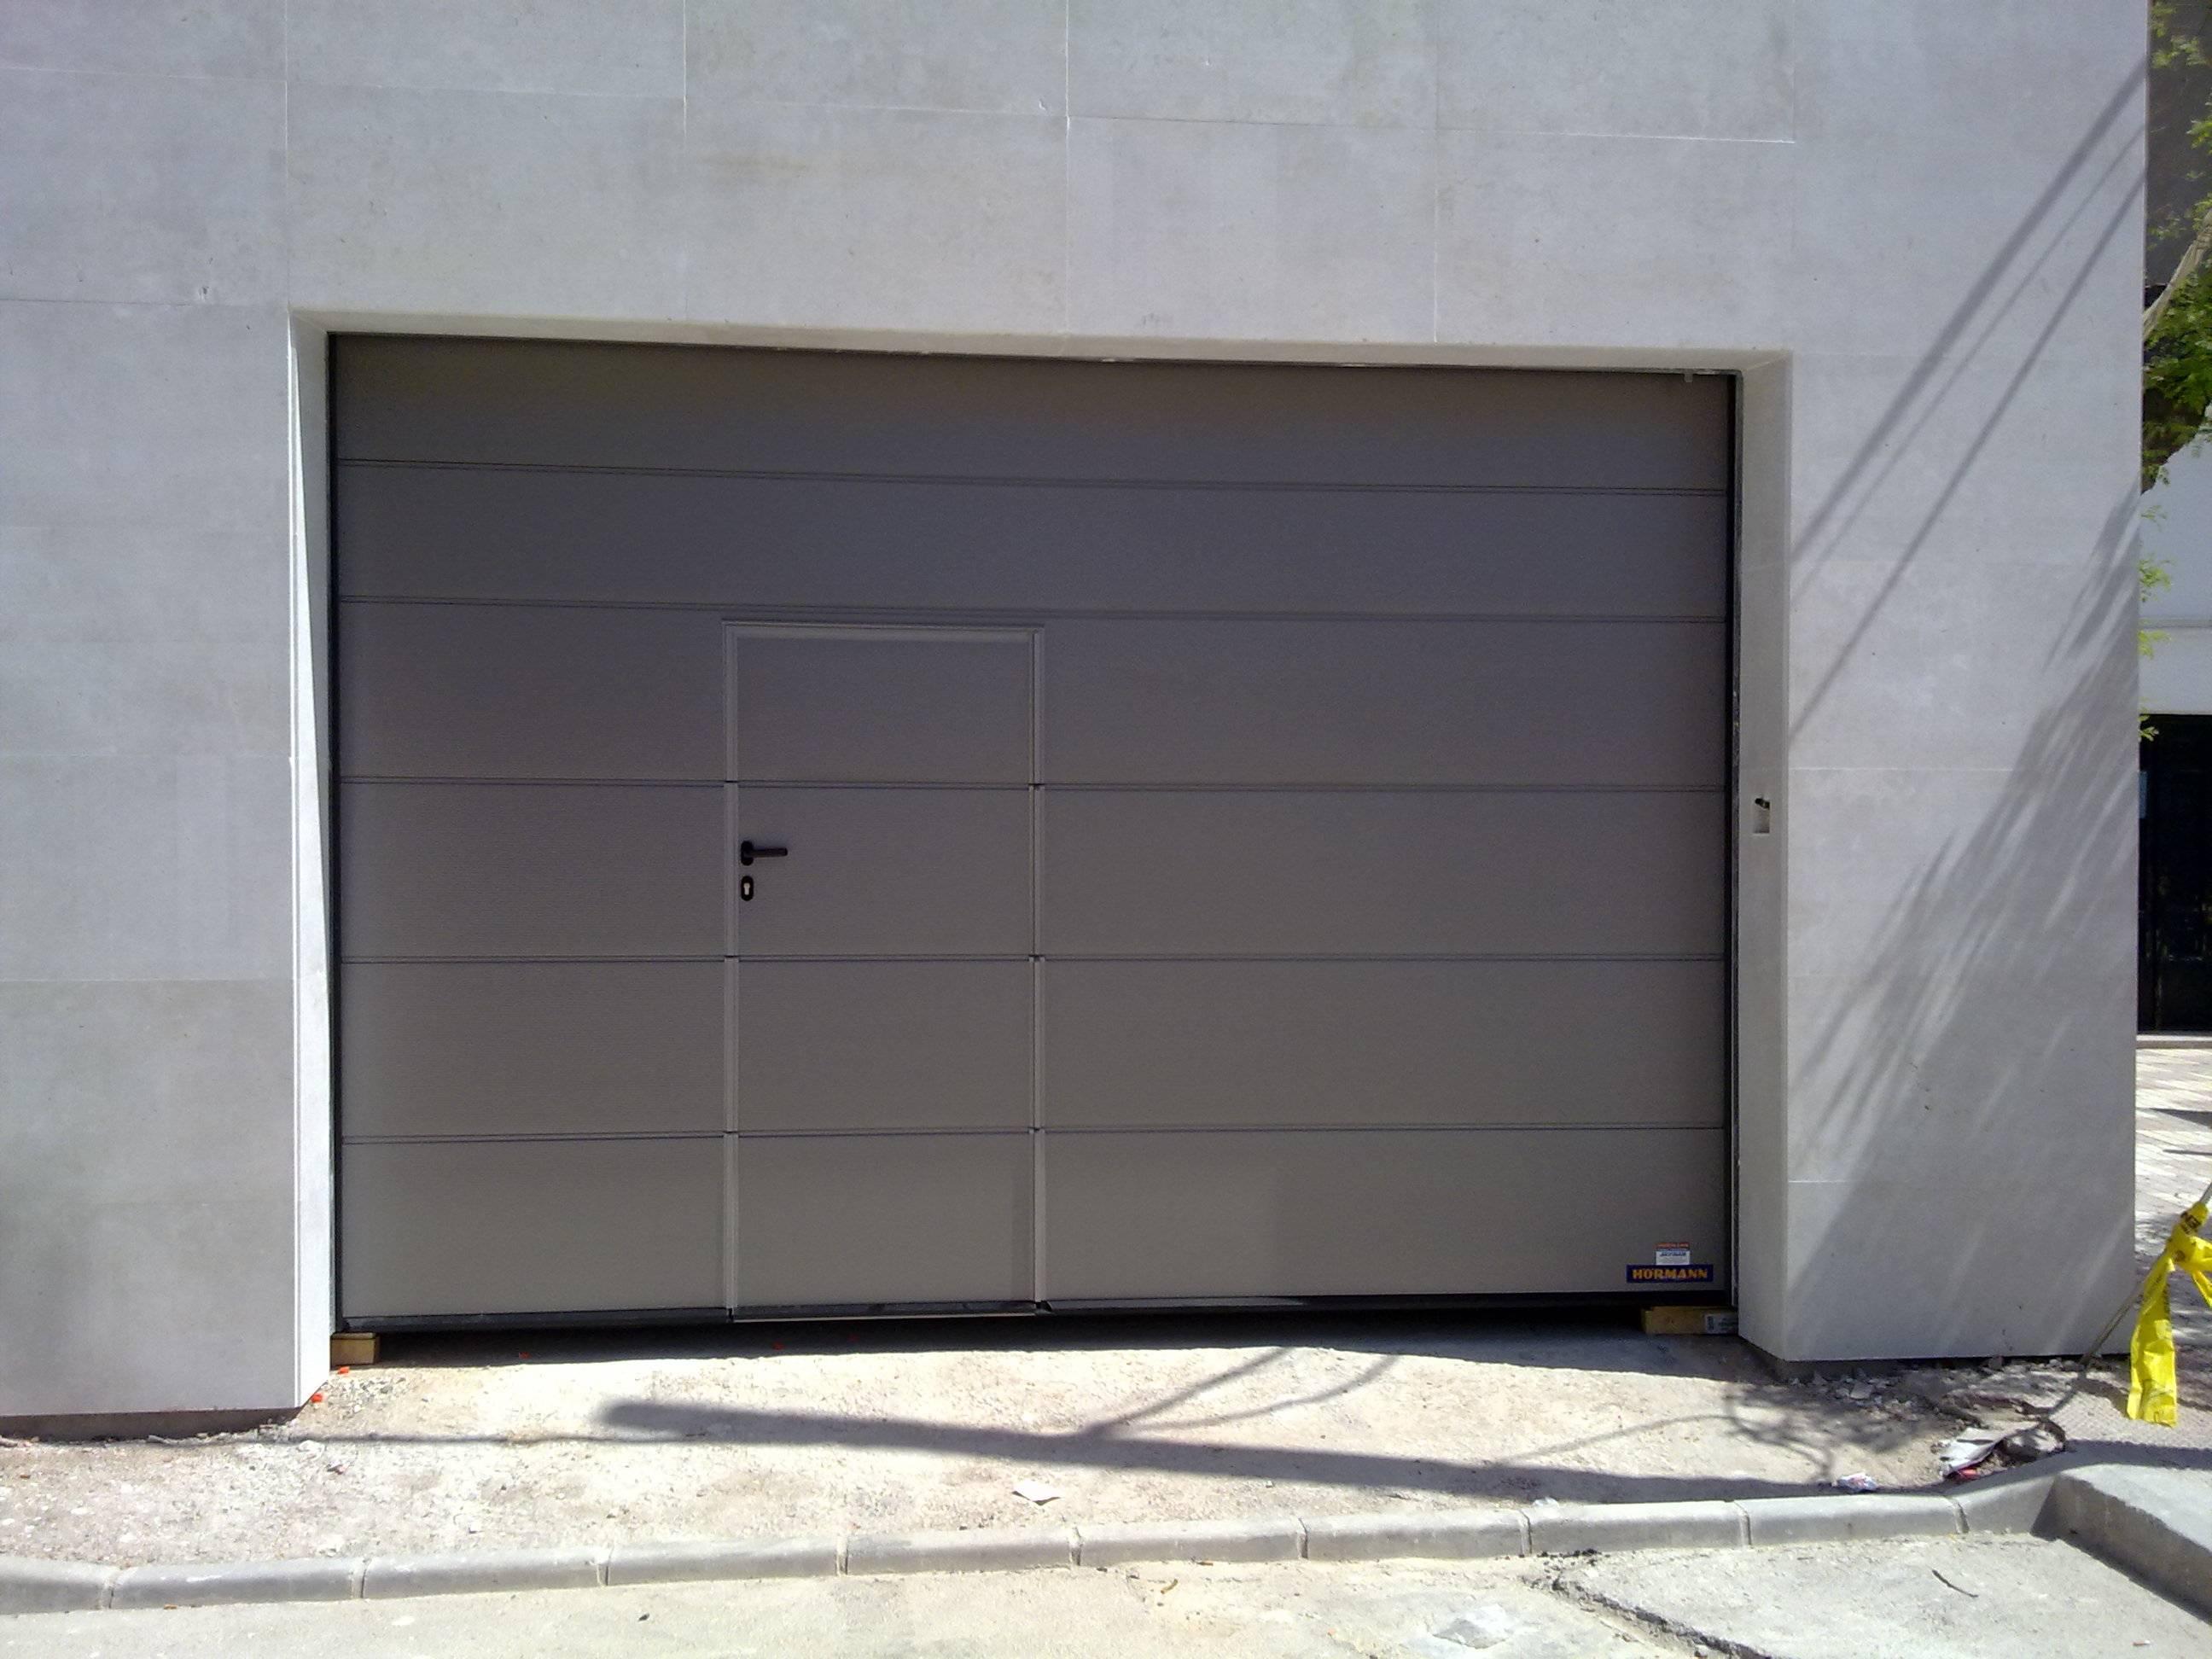 Instalaci n puertas de garaje en valencia sant salvador - Portones de garaje ...